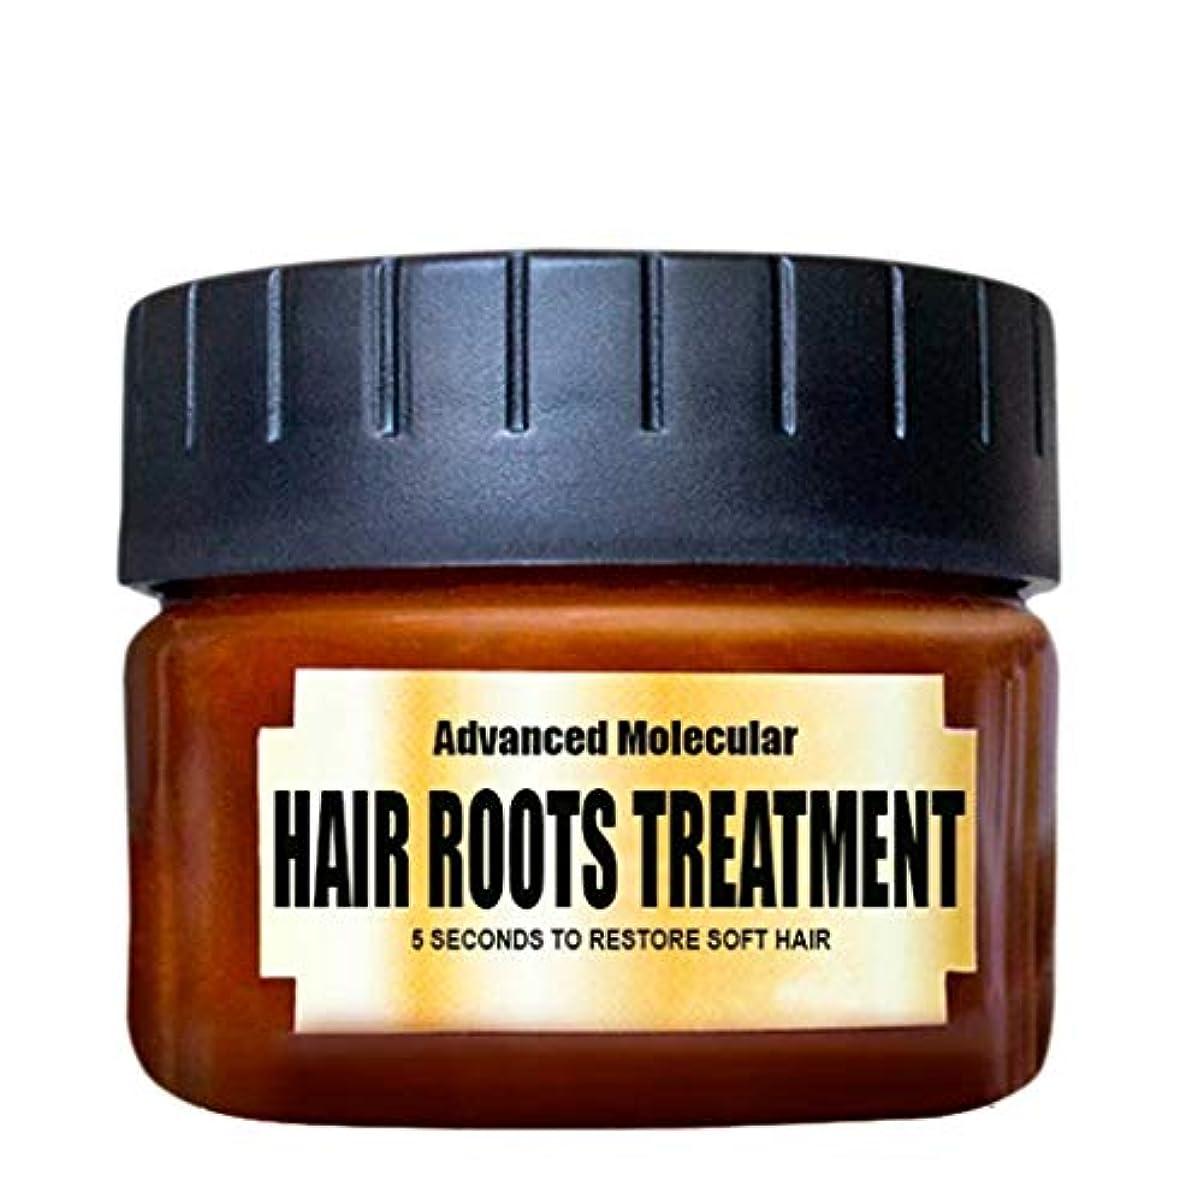 雪の避けられない違反DOUJI 天然植物成分 ヘアケア リッチリペア コンディショナー60ml コンディショナー 髪の解毒ヘアマスク高度な分子毛根治療回復エクストラダメージケア トリートメント